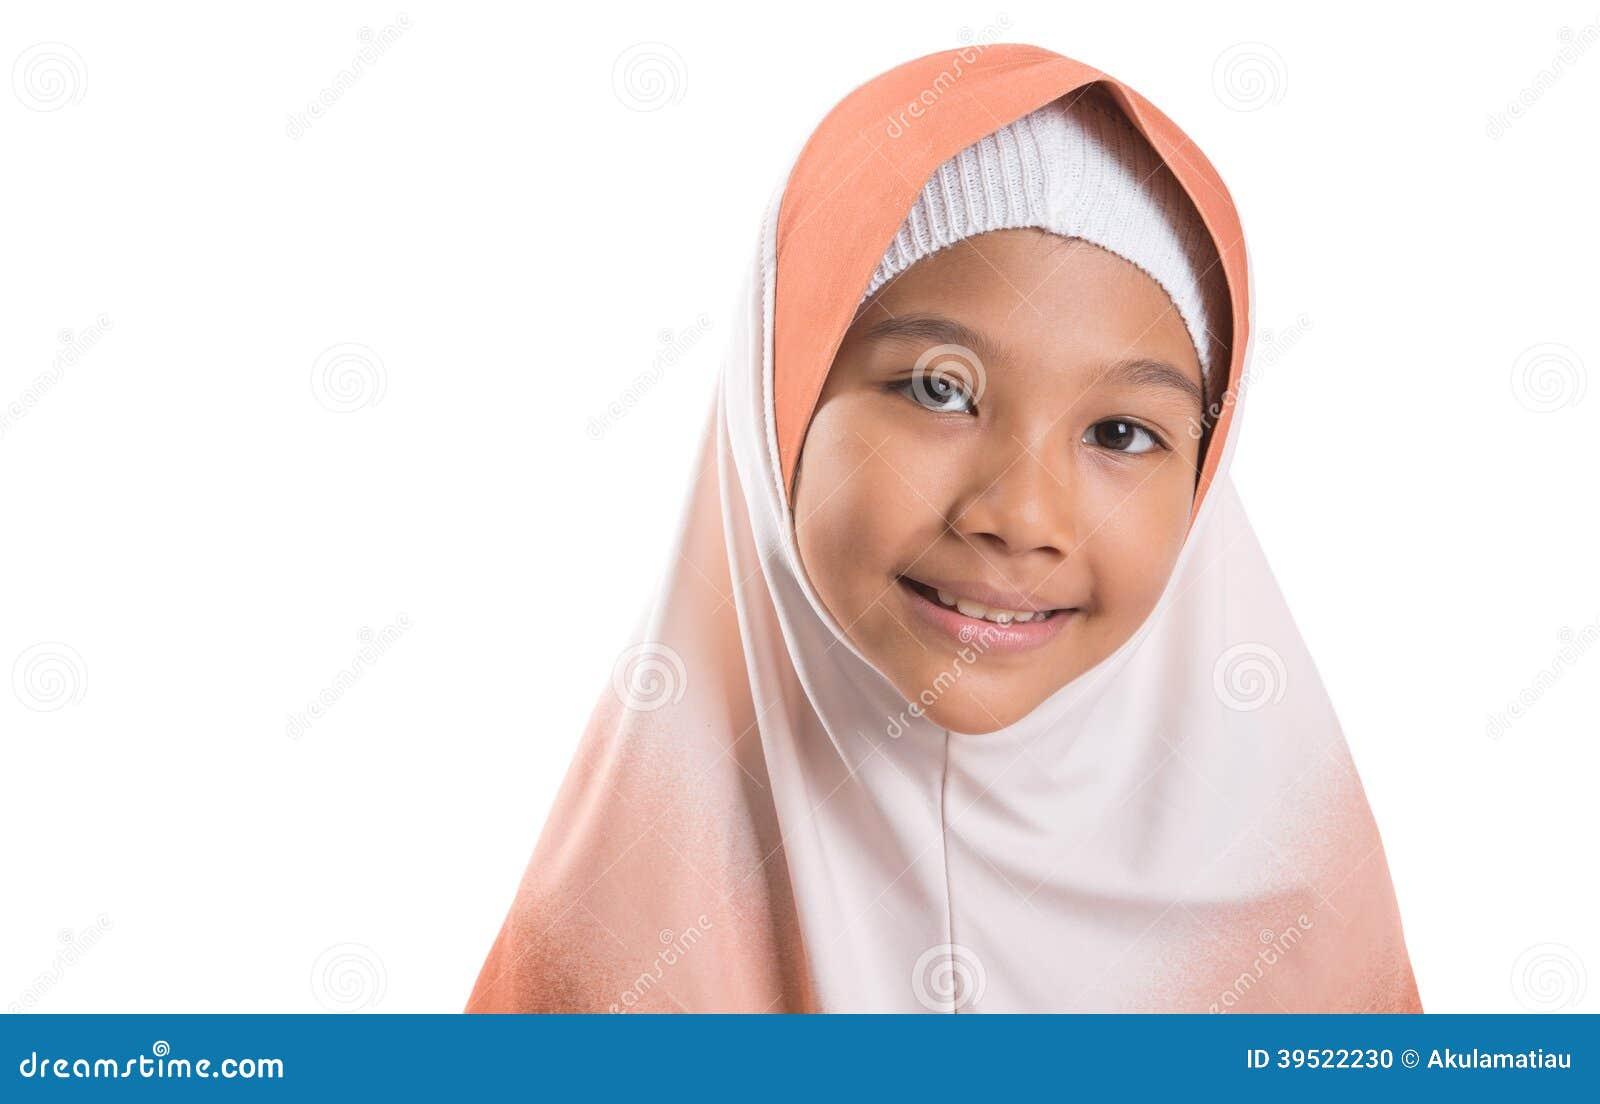 Молодая мусульманская девушка с Hijab i